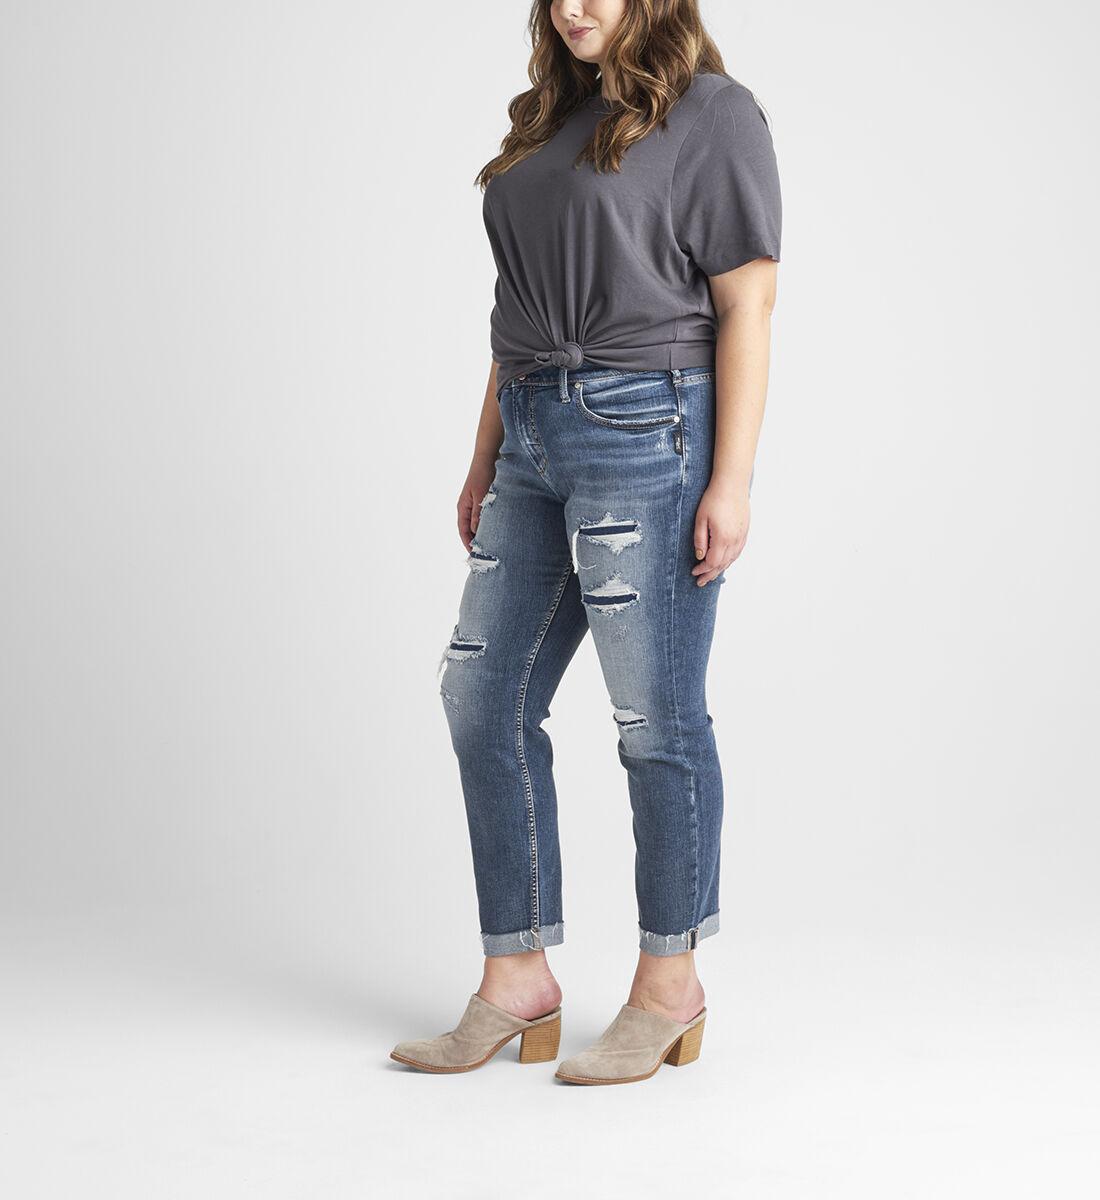 Beau Mid Rise Slim Leg Jeans Plus Size Side